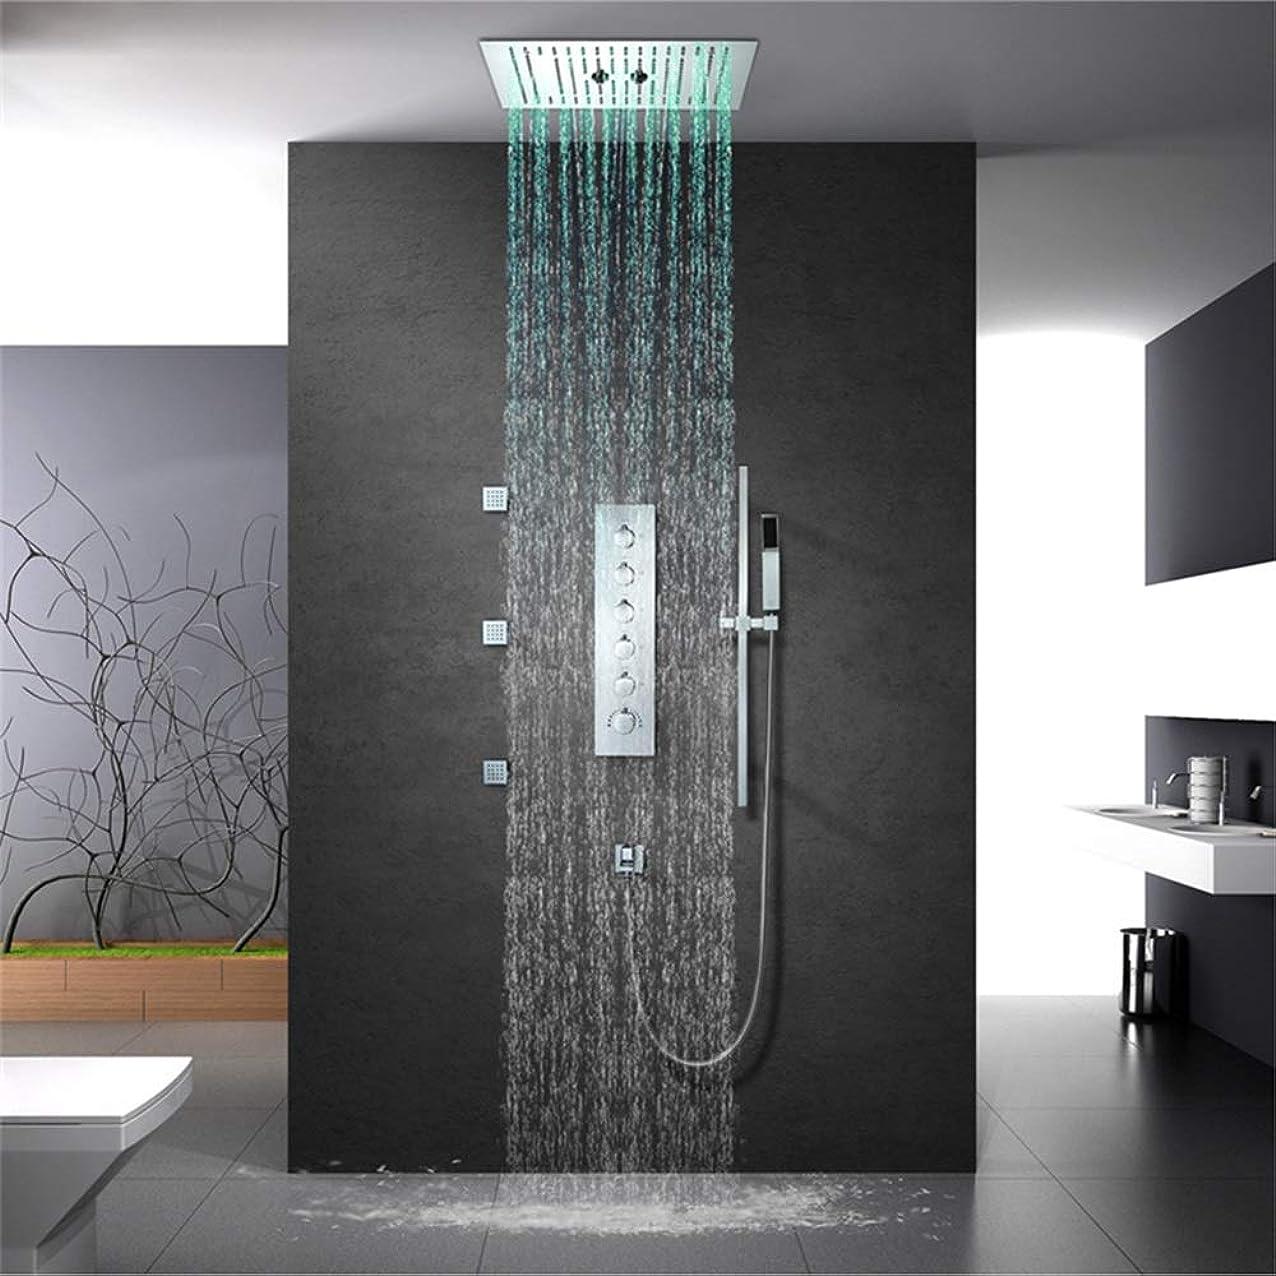 微視的課税光電HYBJP リシャワーヘッド レインシャワー シャワー水栓 浴室用 取付簡単 高水圧 節水 蛇口 セット